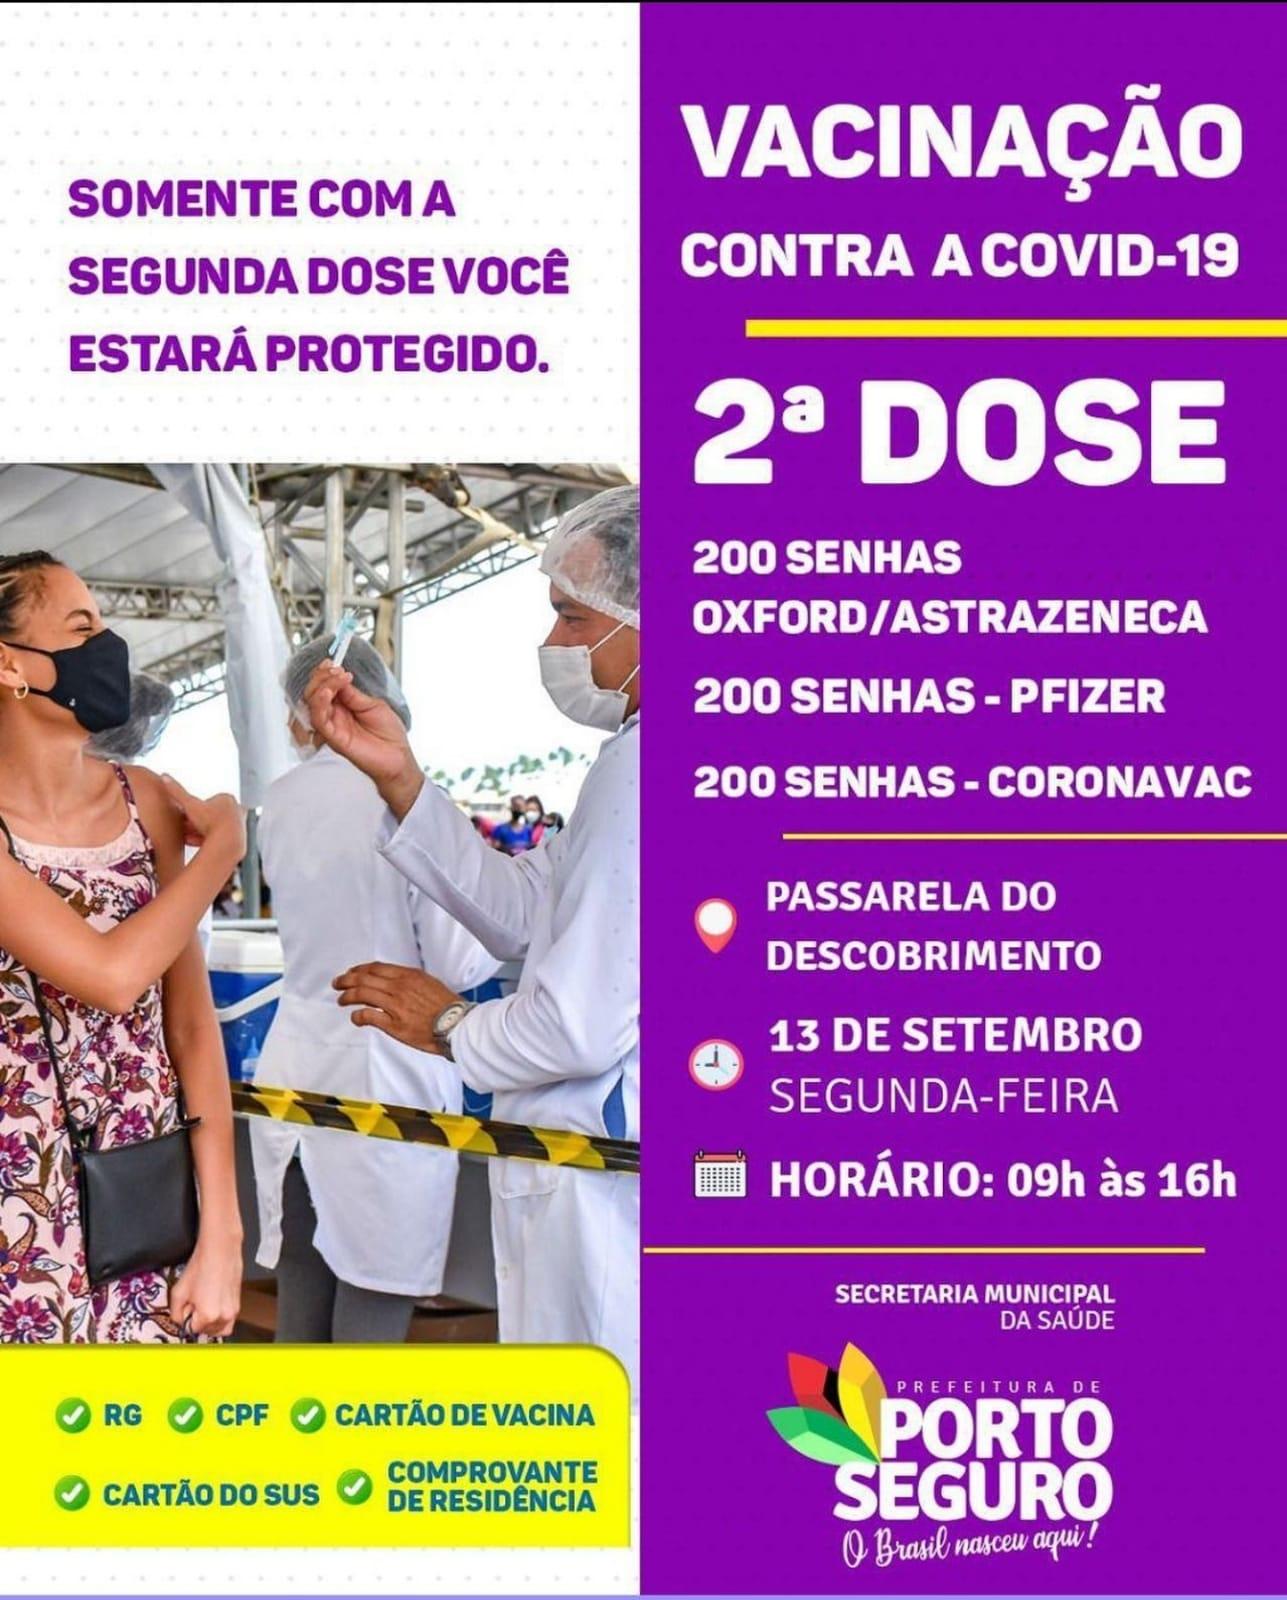 Porto Seguro: Cronograma de Vacinação contra a Covid-19 (13 de SETEMBRO) 24